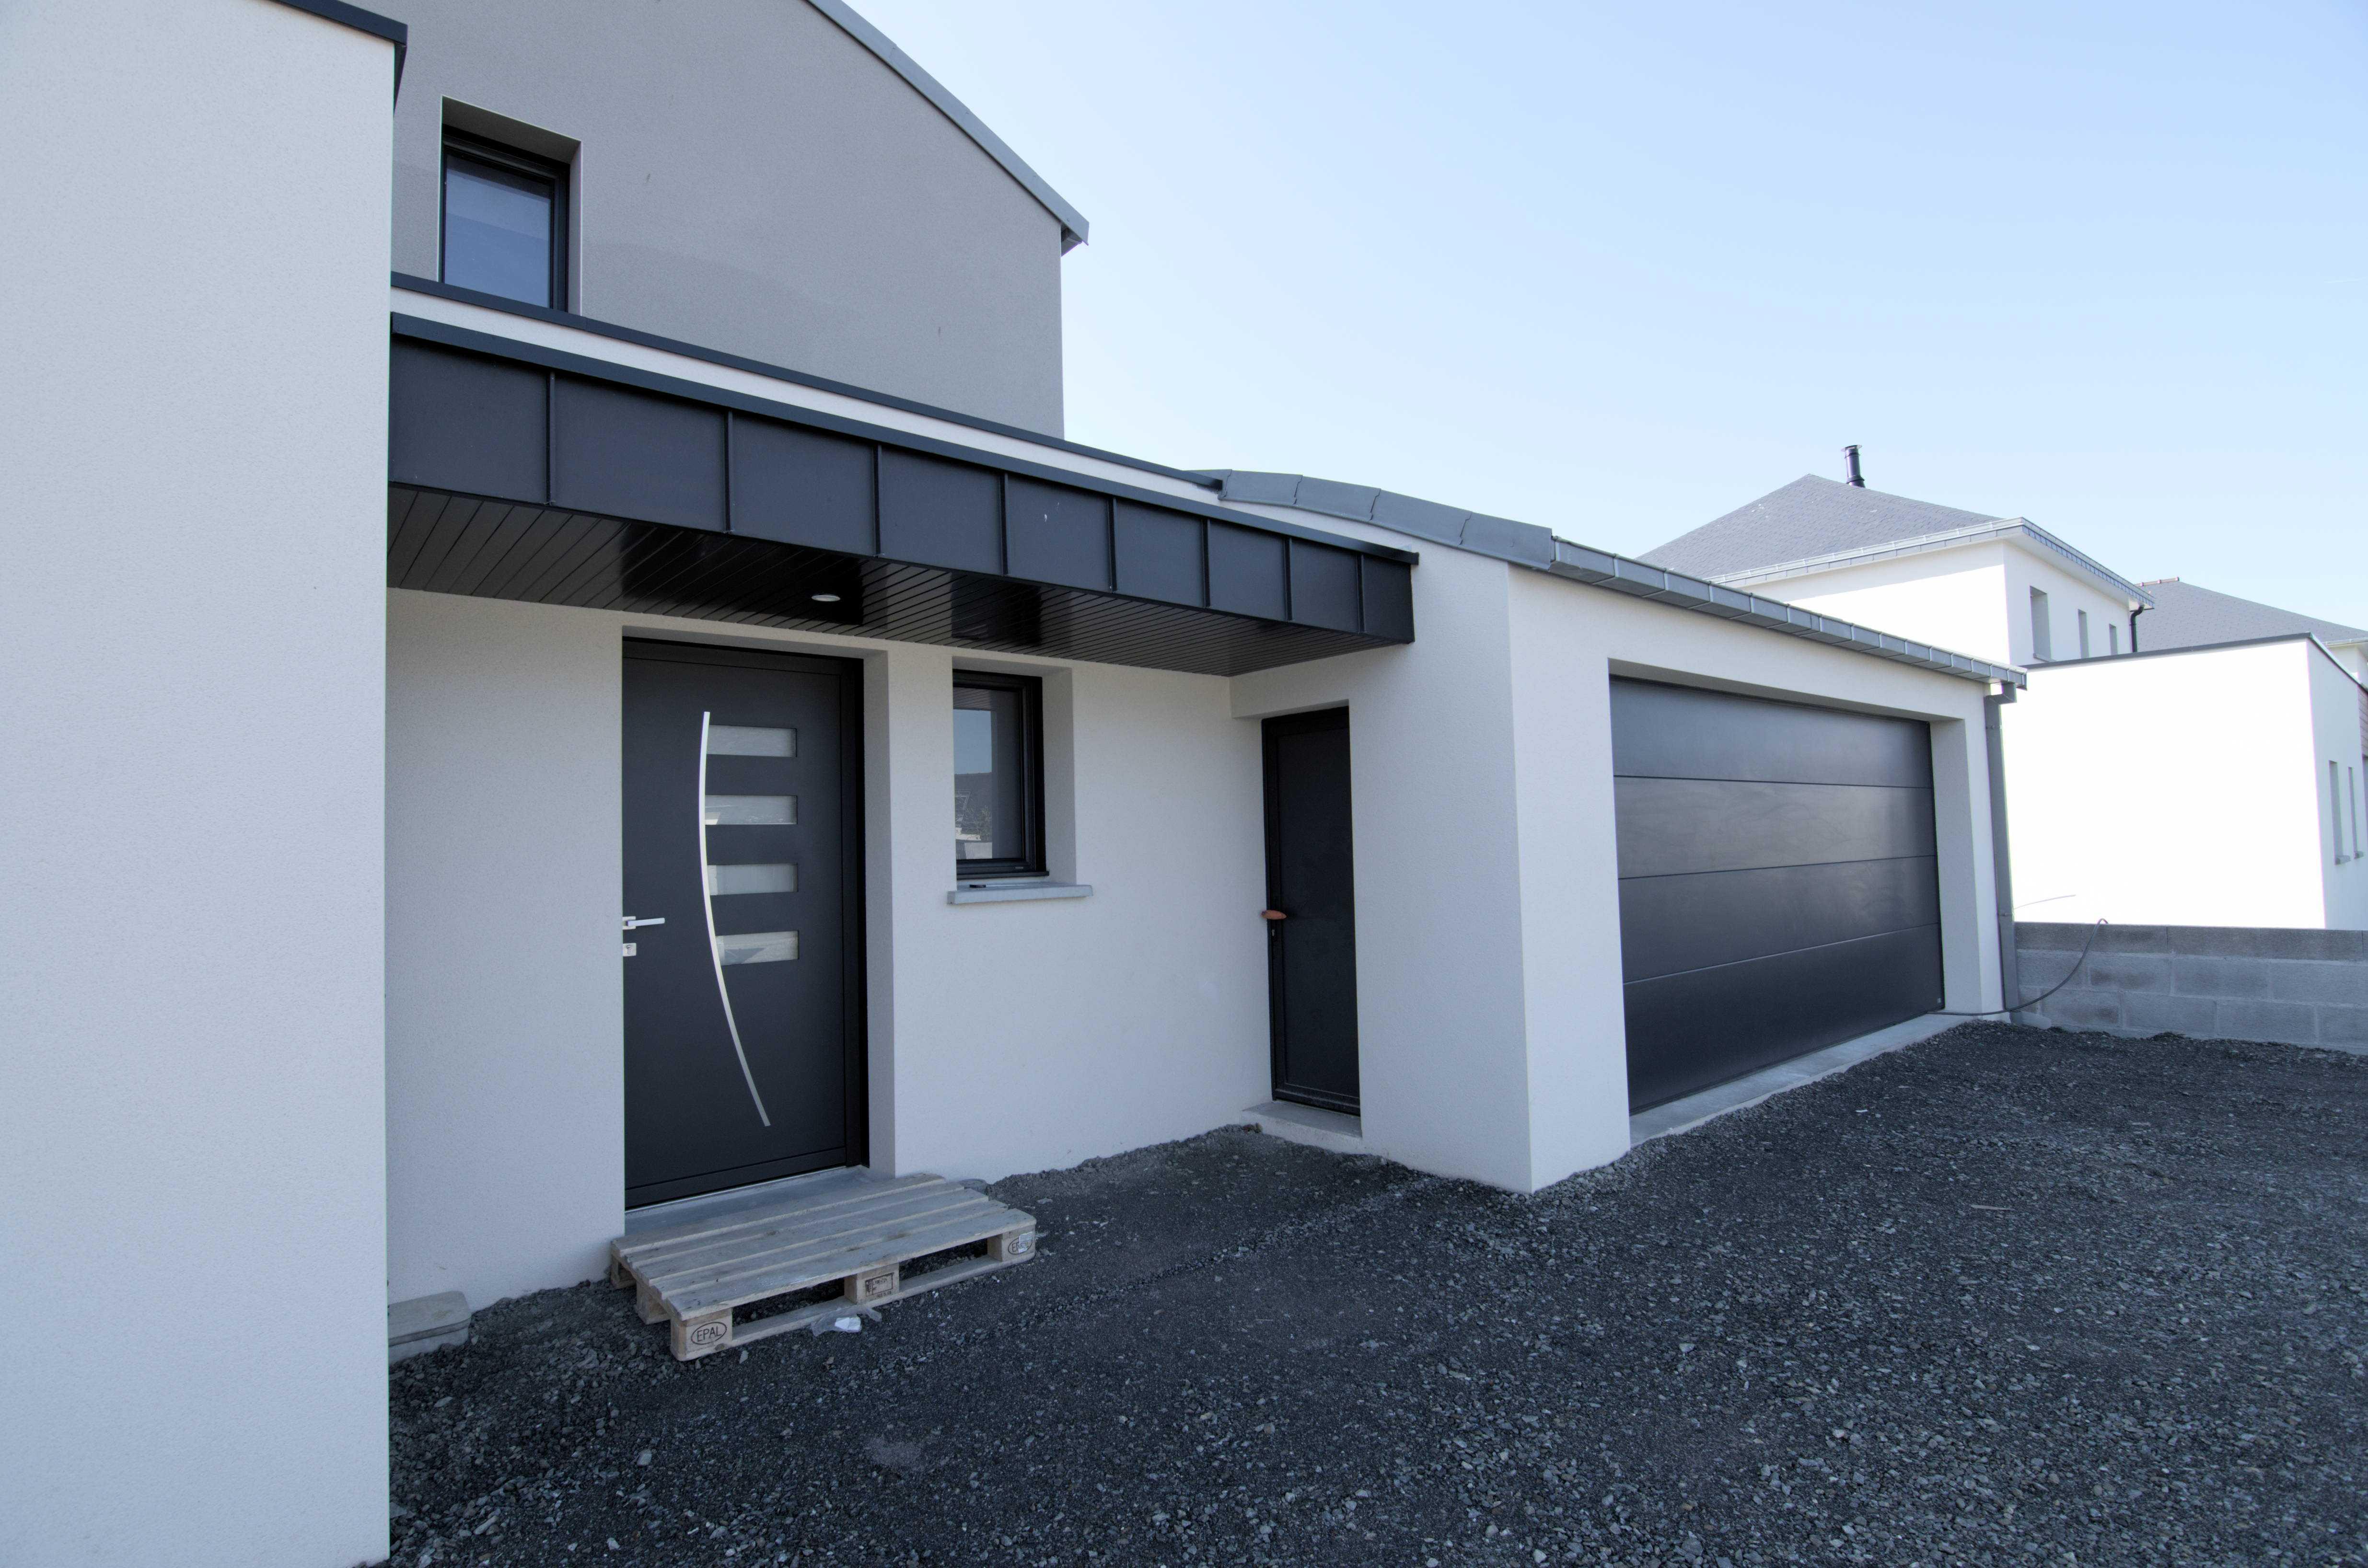 Couleur Exterieur Maison Contemporaine menuiseries construction maison contemporaine - pordic (22)